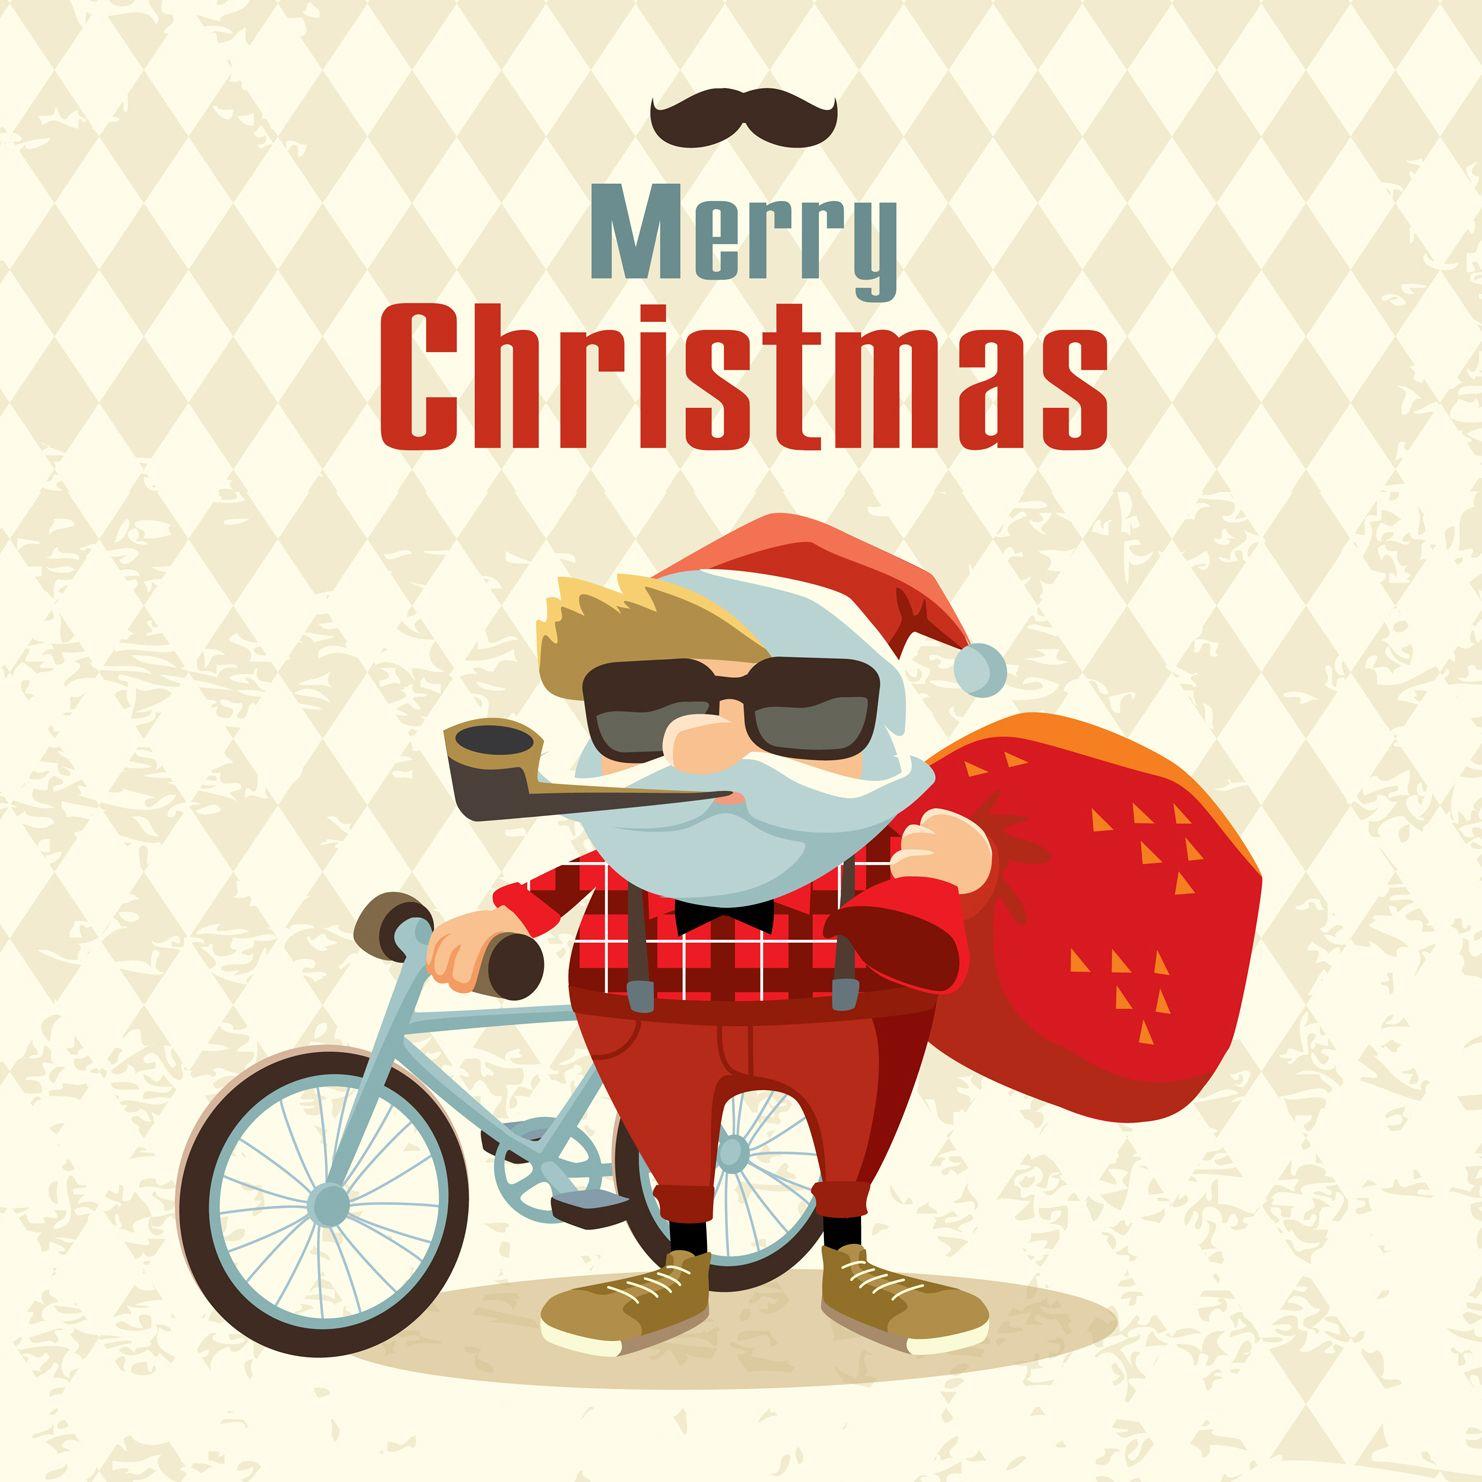 Frohe Weihnachten Besinnliche Feiertage.Wir Wünschen Frohe Weihnachten Besinnliche Feiertage Brillen